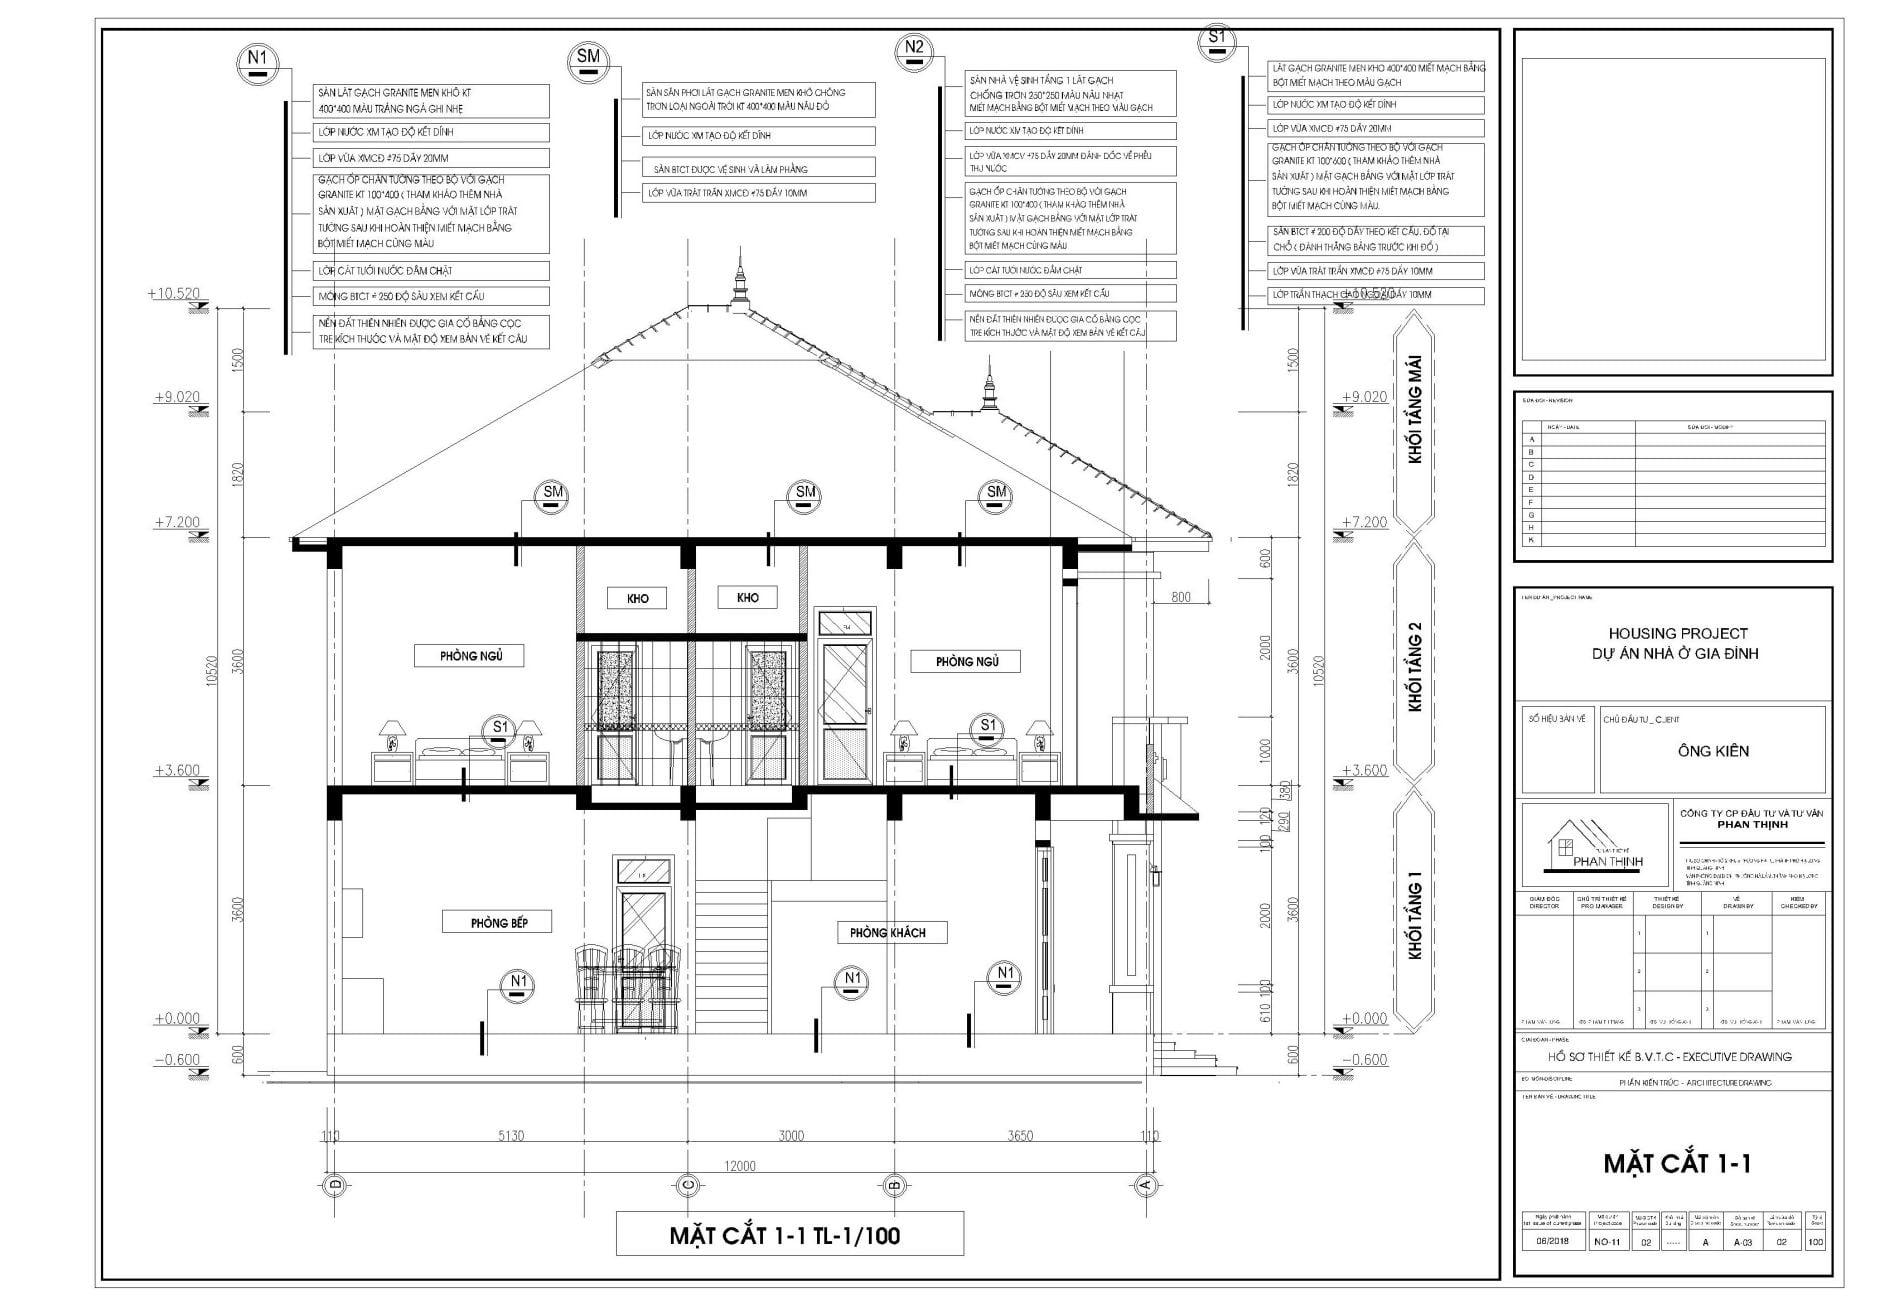 thiết kế nhà biệt thự 2 tầng tại Quảng Ninh